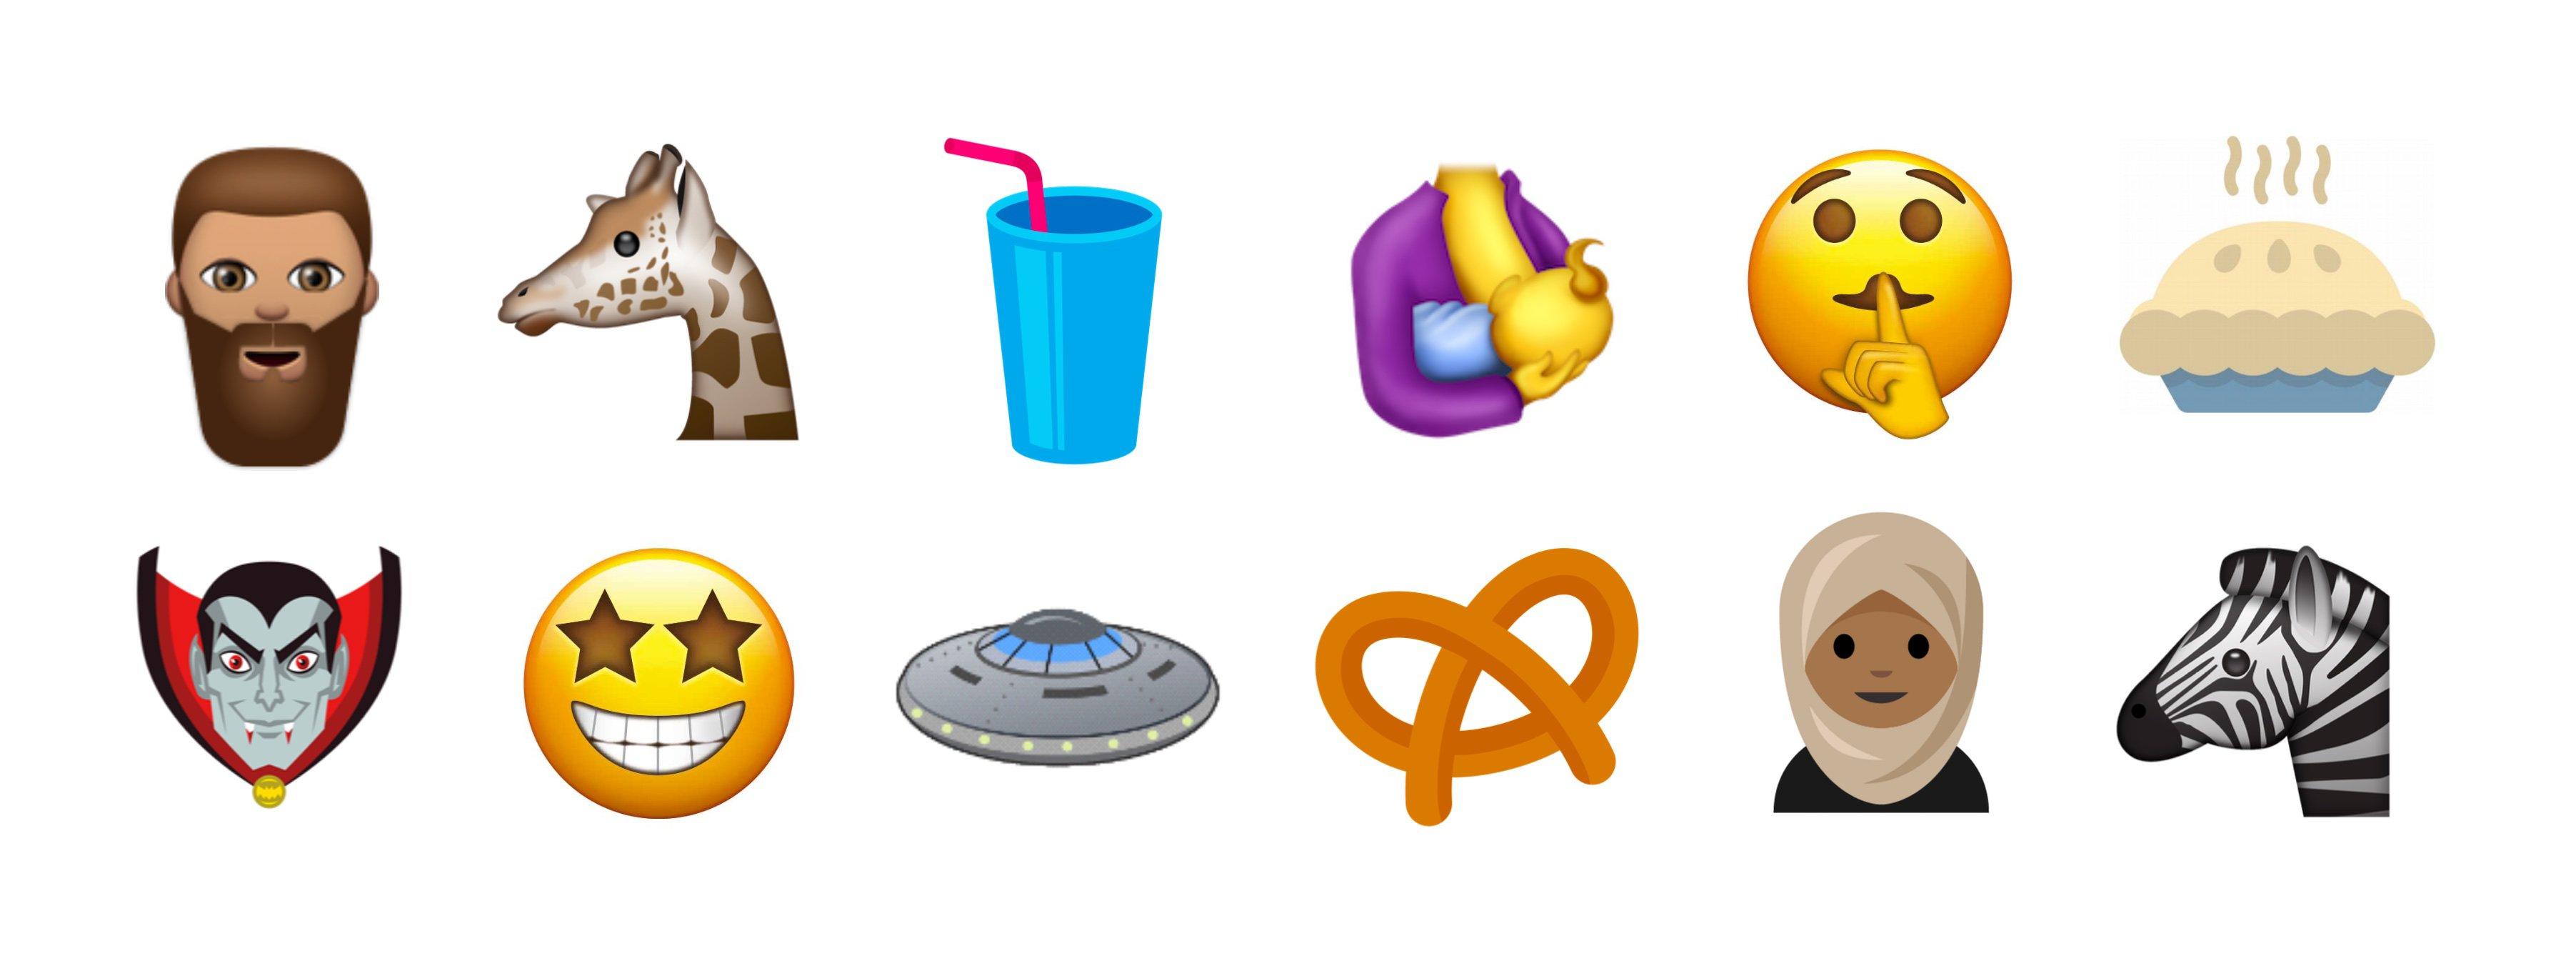 New Emoji Unicode 10